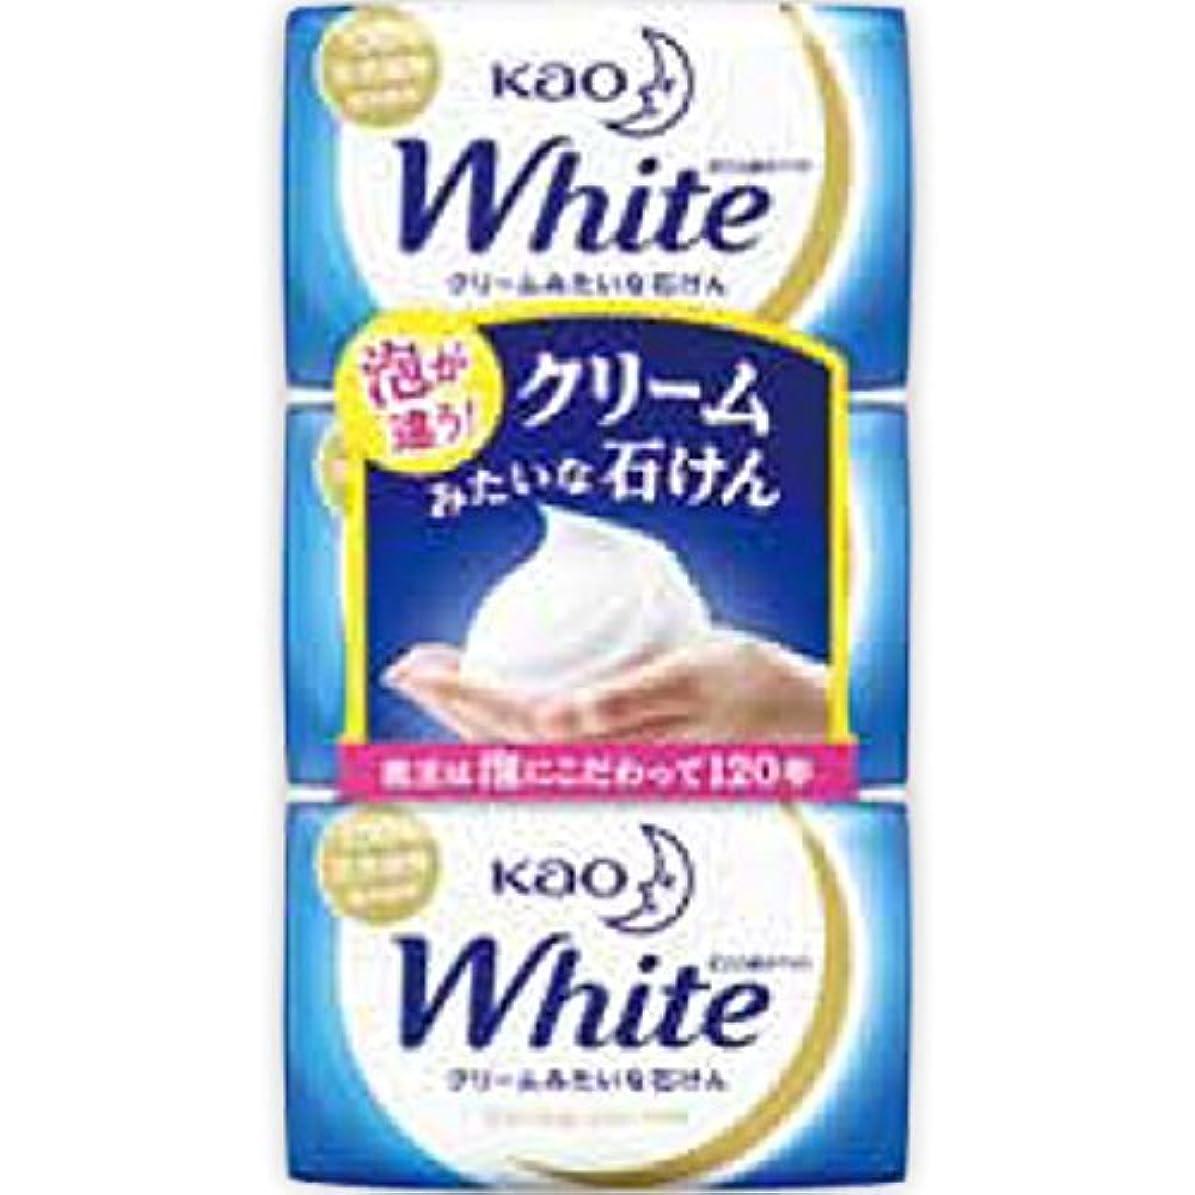 ルームそれら関与する花王ホワイト レギュラーサイズ 85g*3個入